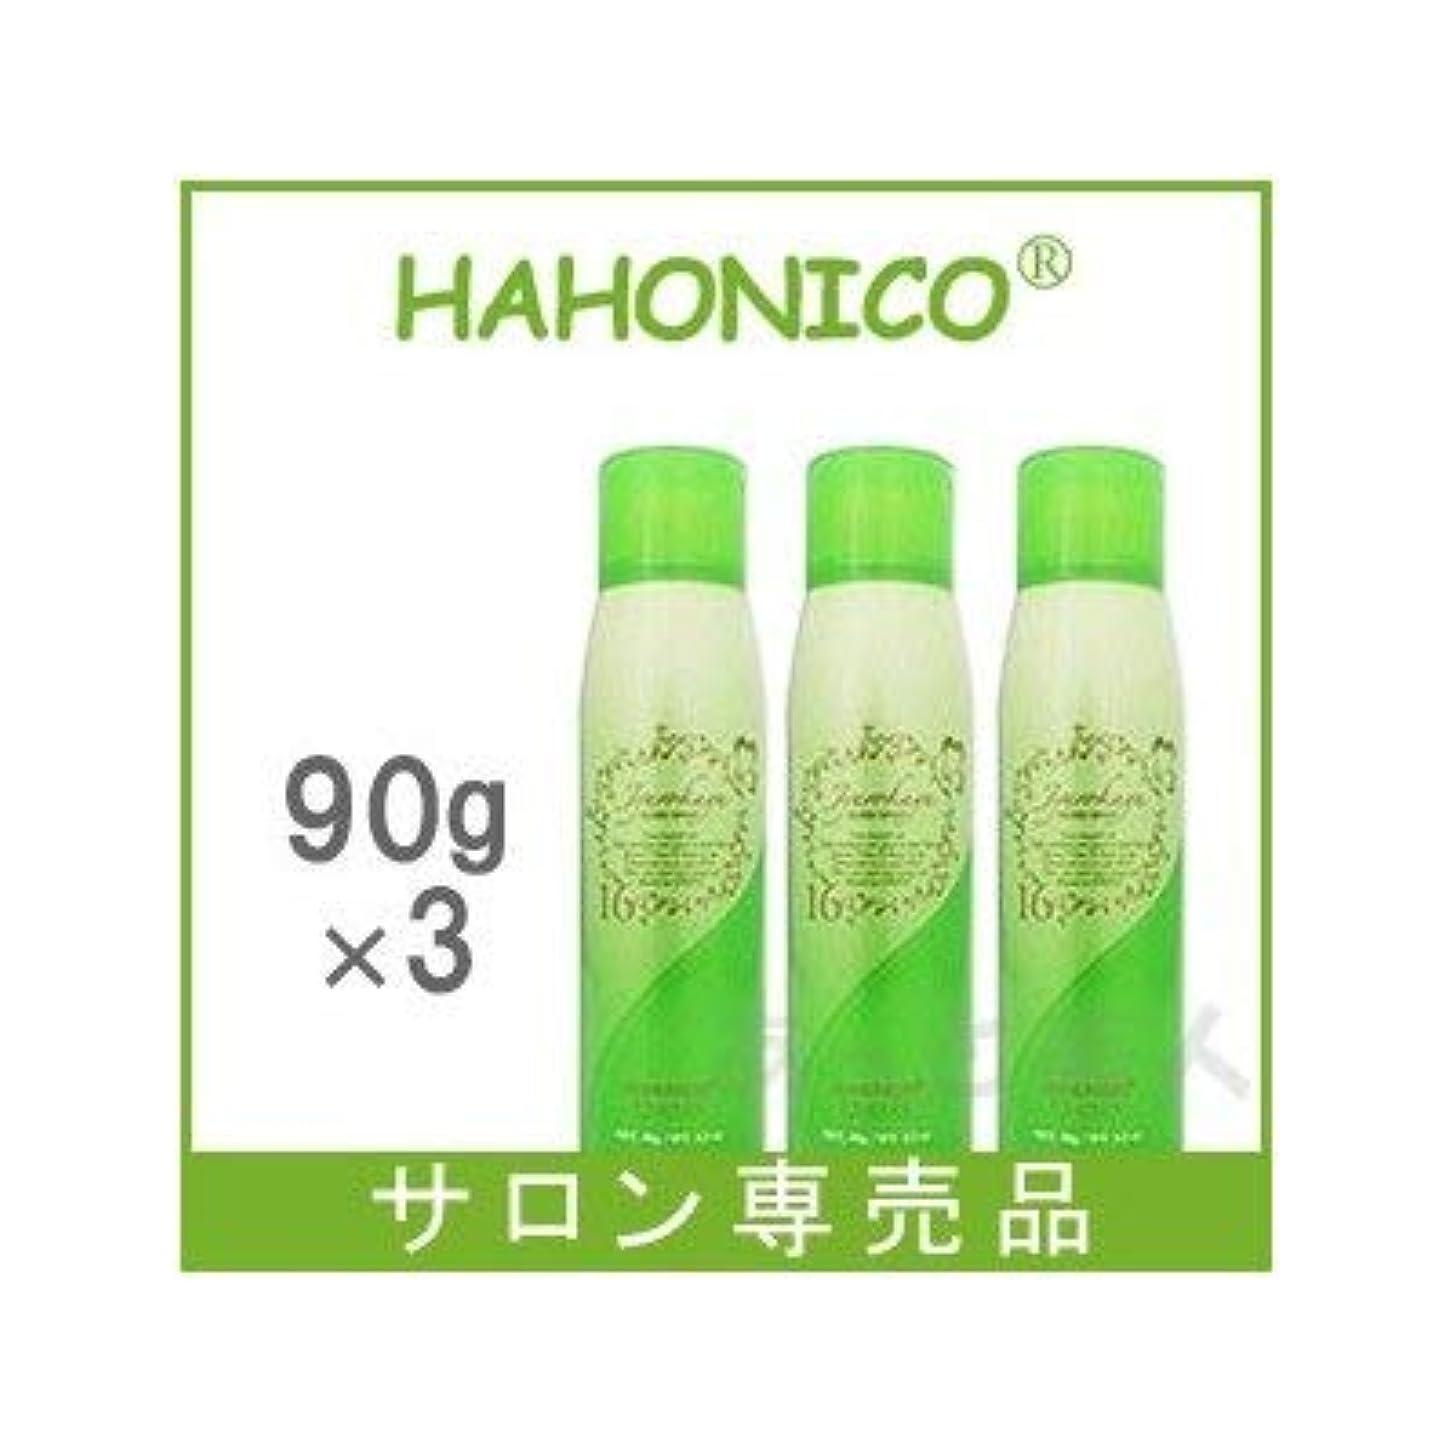 愚かいっぱい失態【X3個セット】 ハホニコ ジュウロクユ ツヤスプレー 90g 十六油 HAHONICO